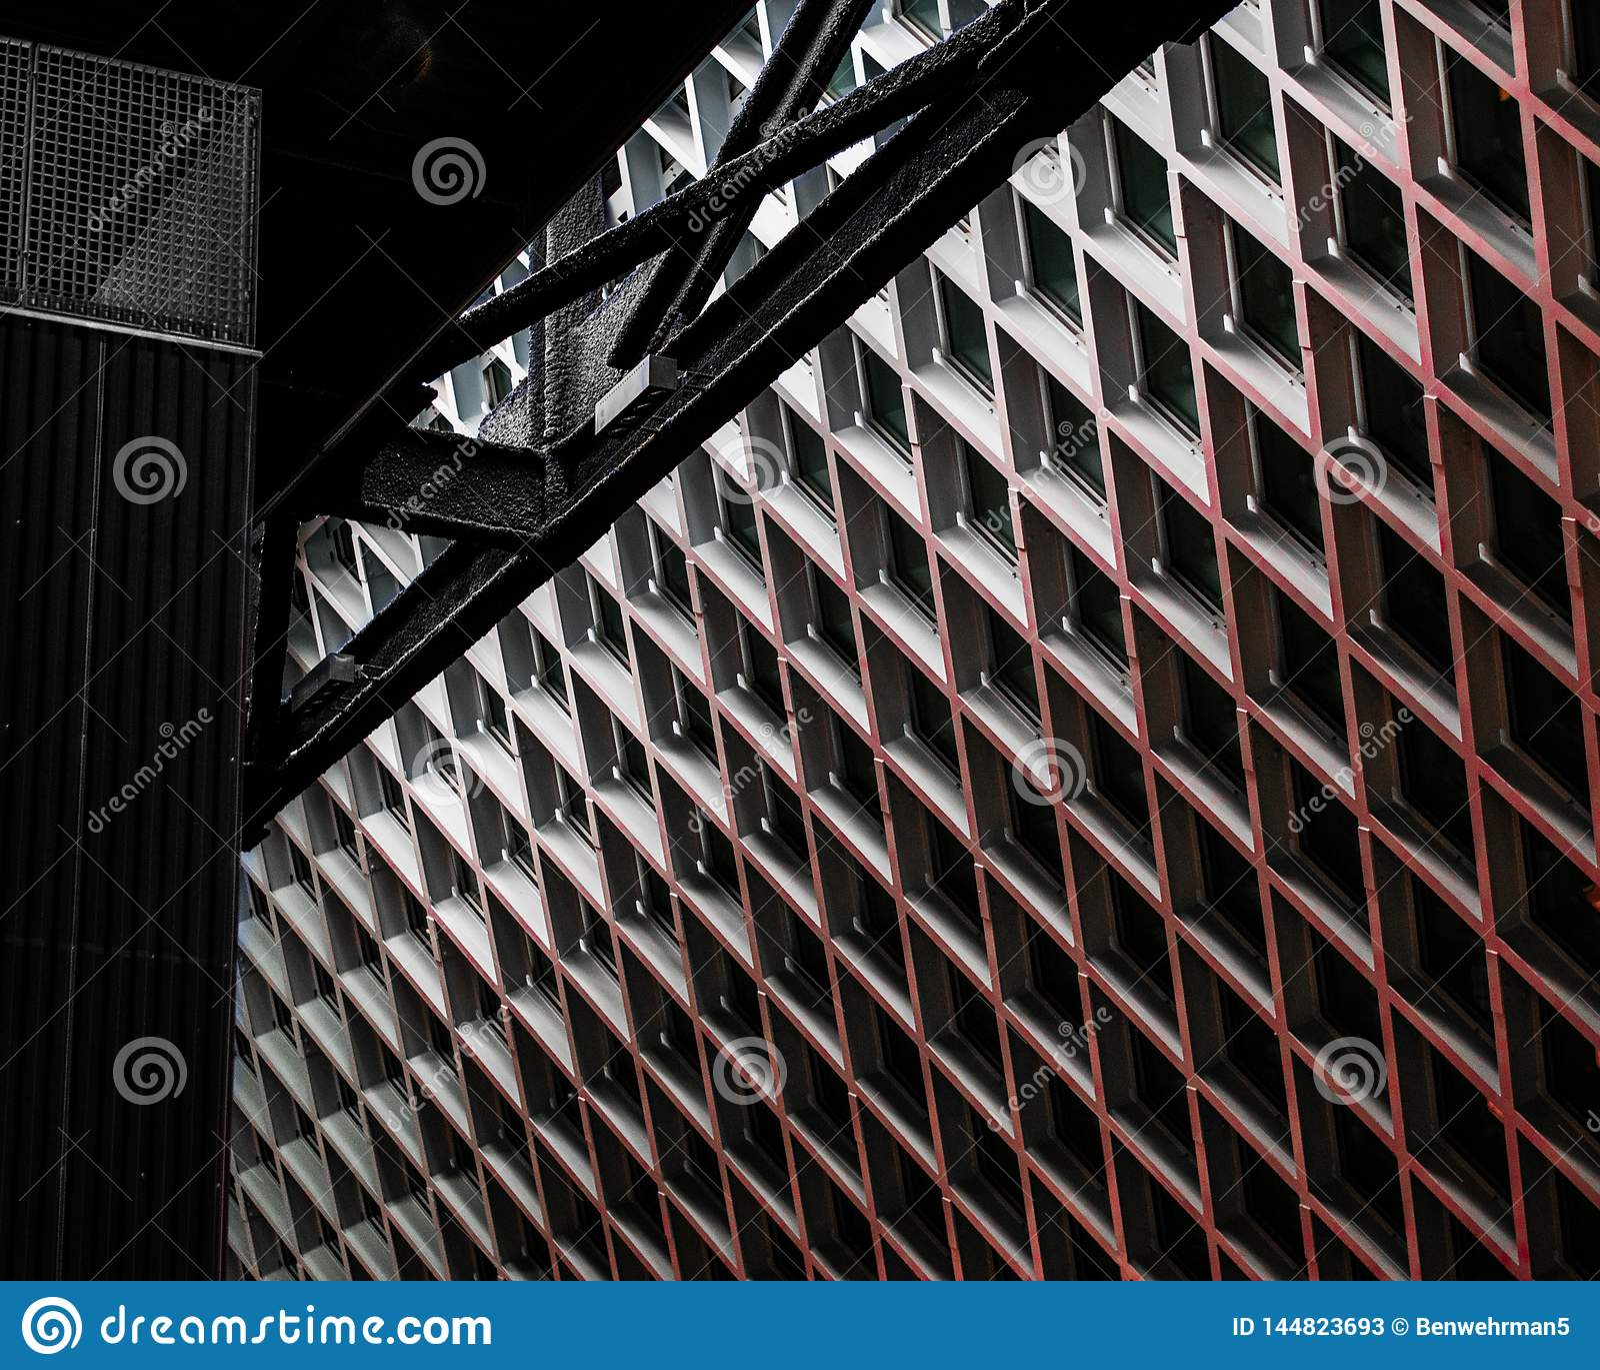 Architectural Design Patterns